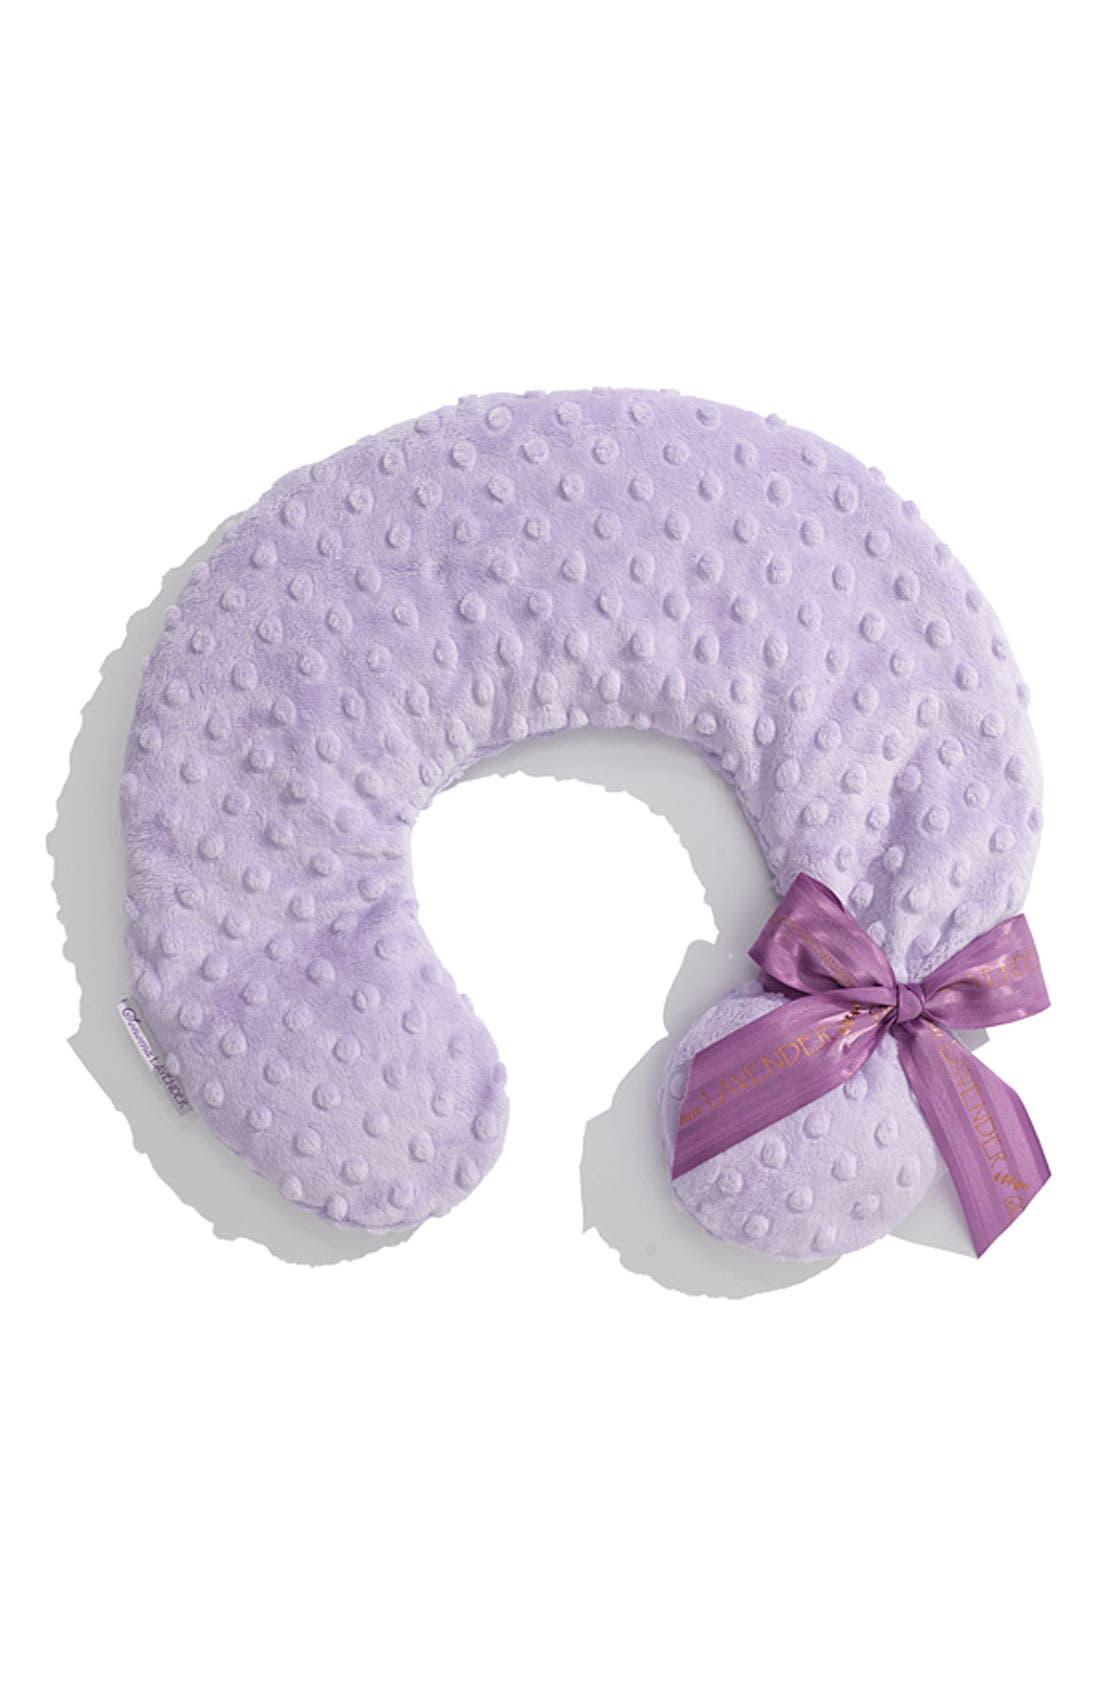 Sonoma Lavender Dot Neck Pillow